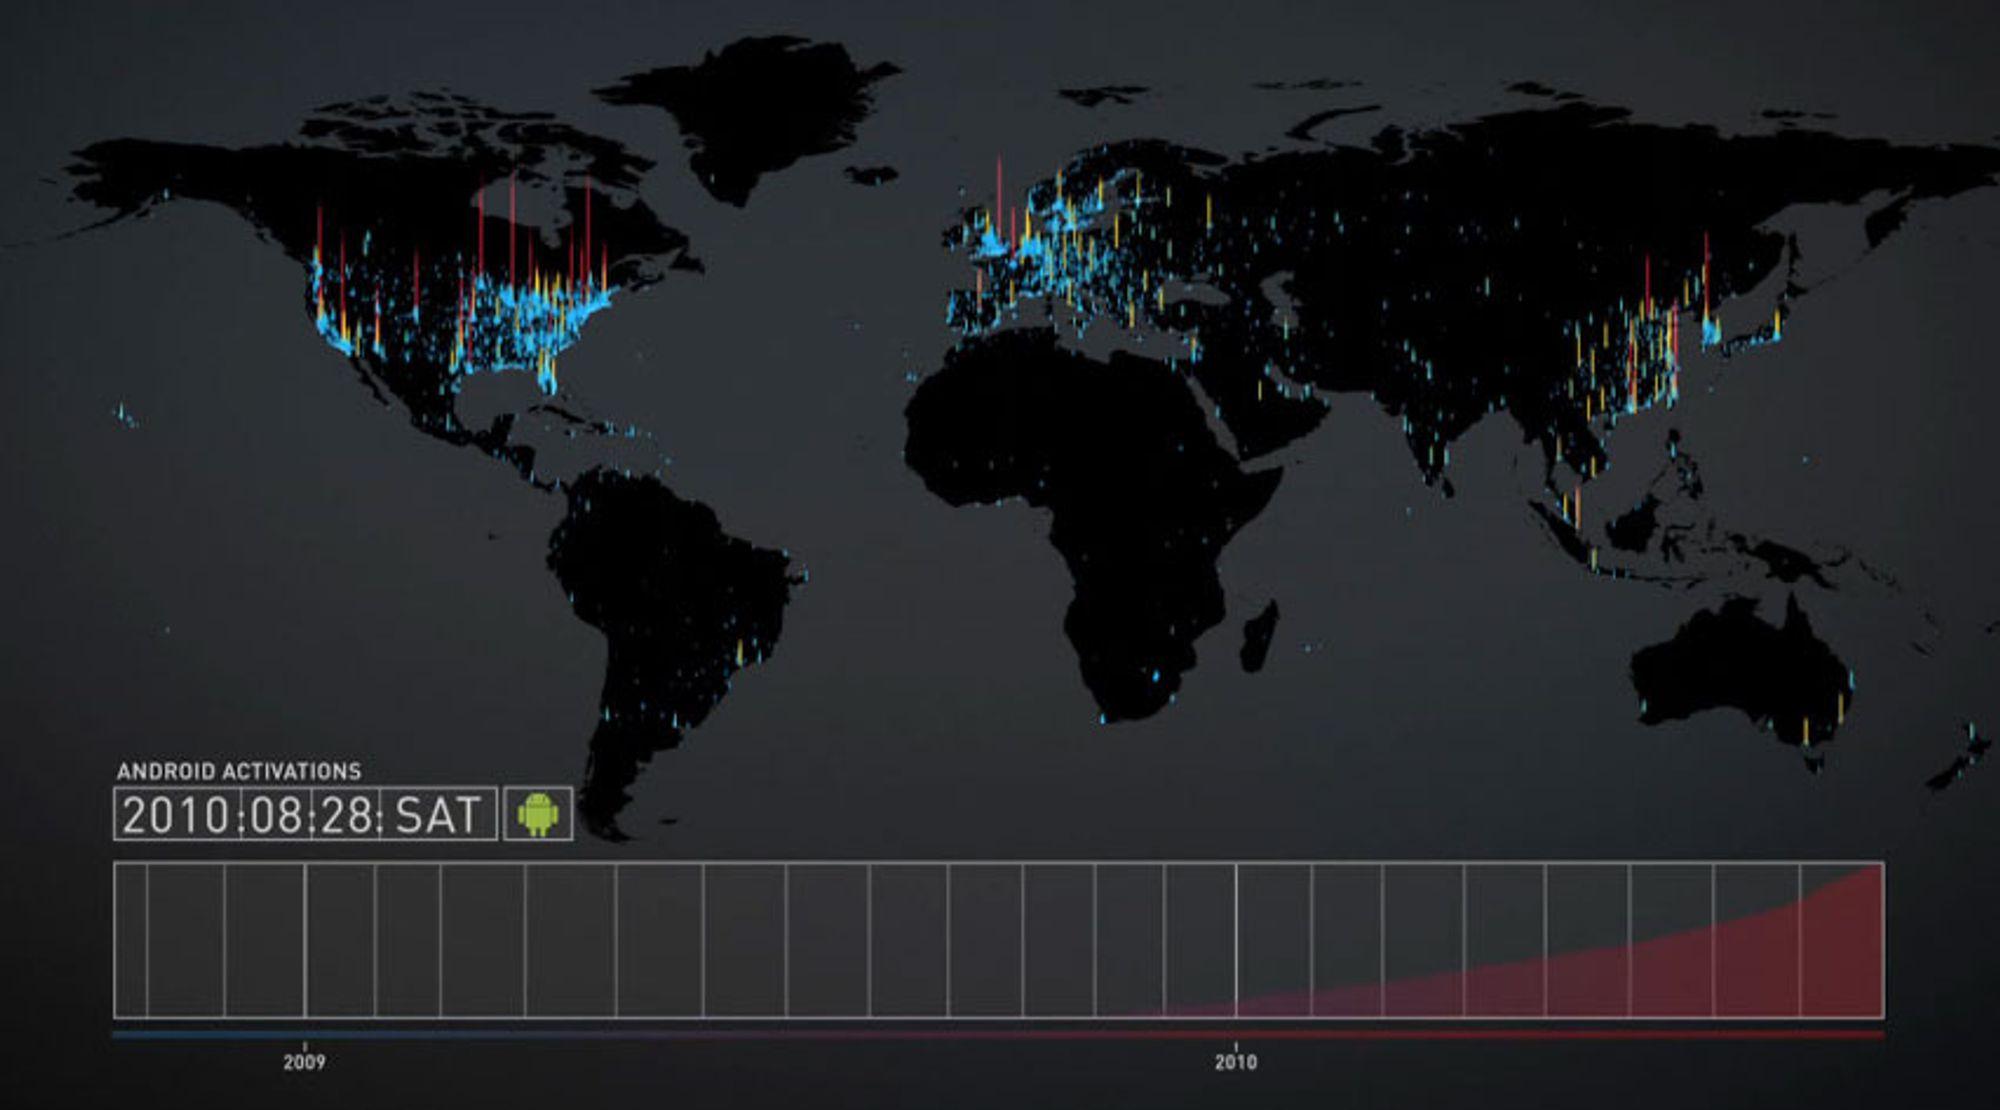 Android-aktiveringer fra oktober 2008 til januar 2011